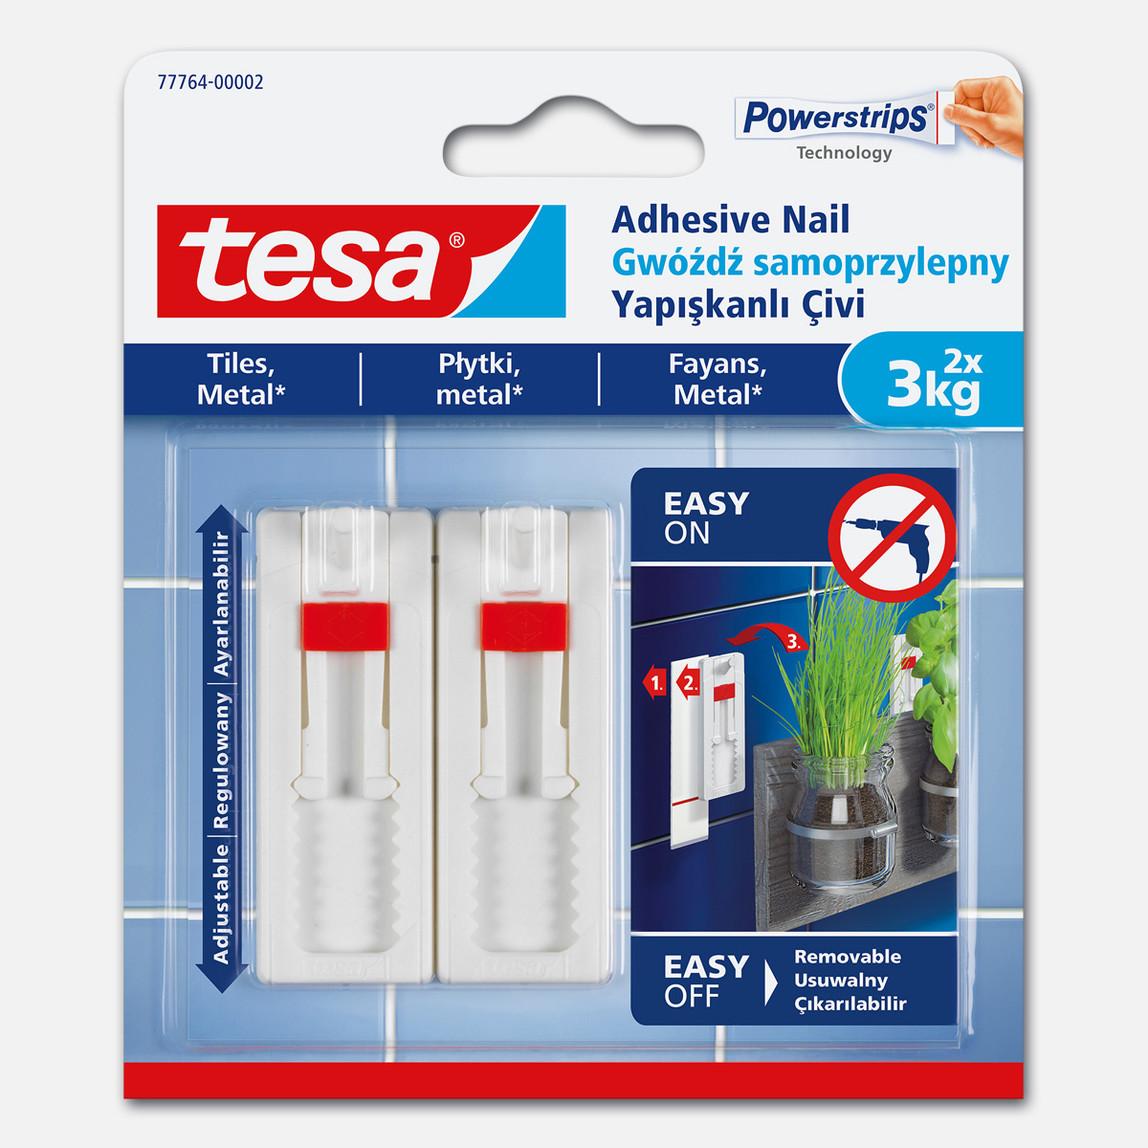 Tesa® İz Bırakmadan Sökülebilir Yapışkanlı Askı - Çivi, Fayans ve Metal Yüzeyler için3 kg, 2 adet